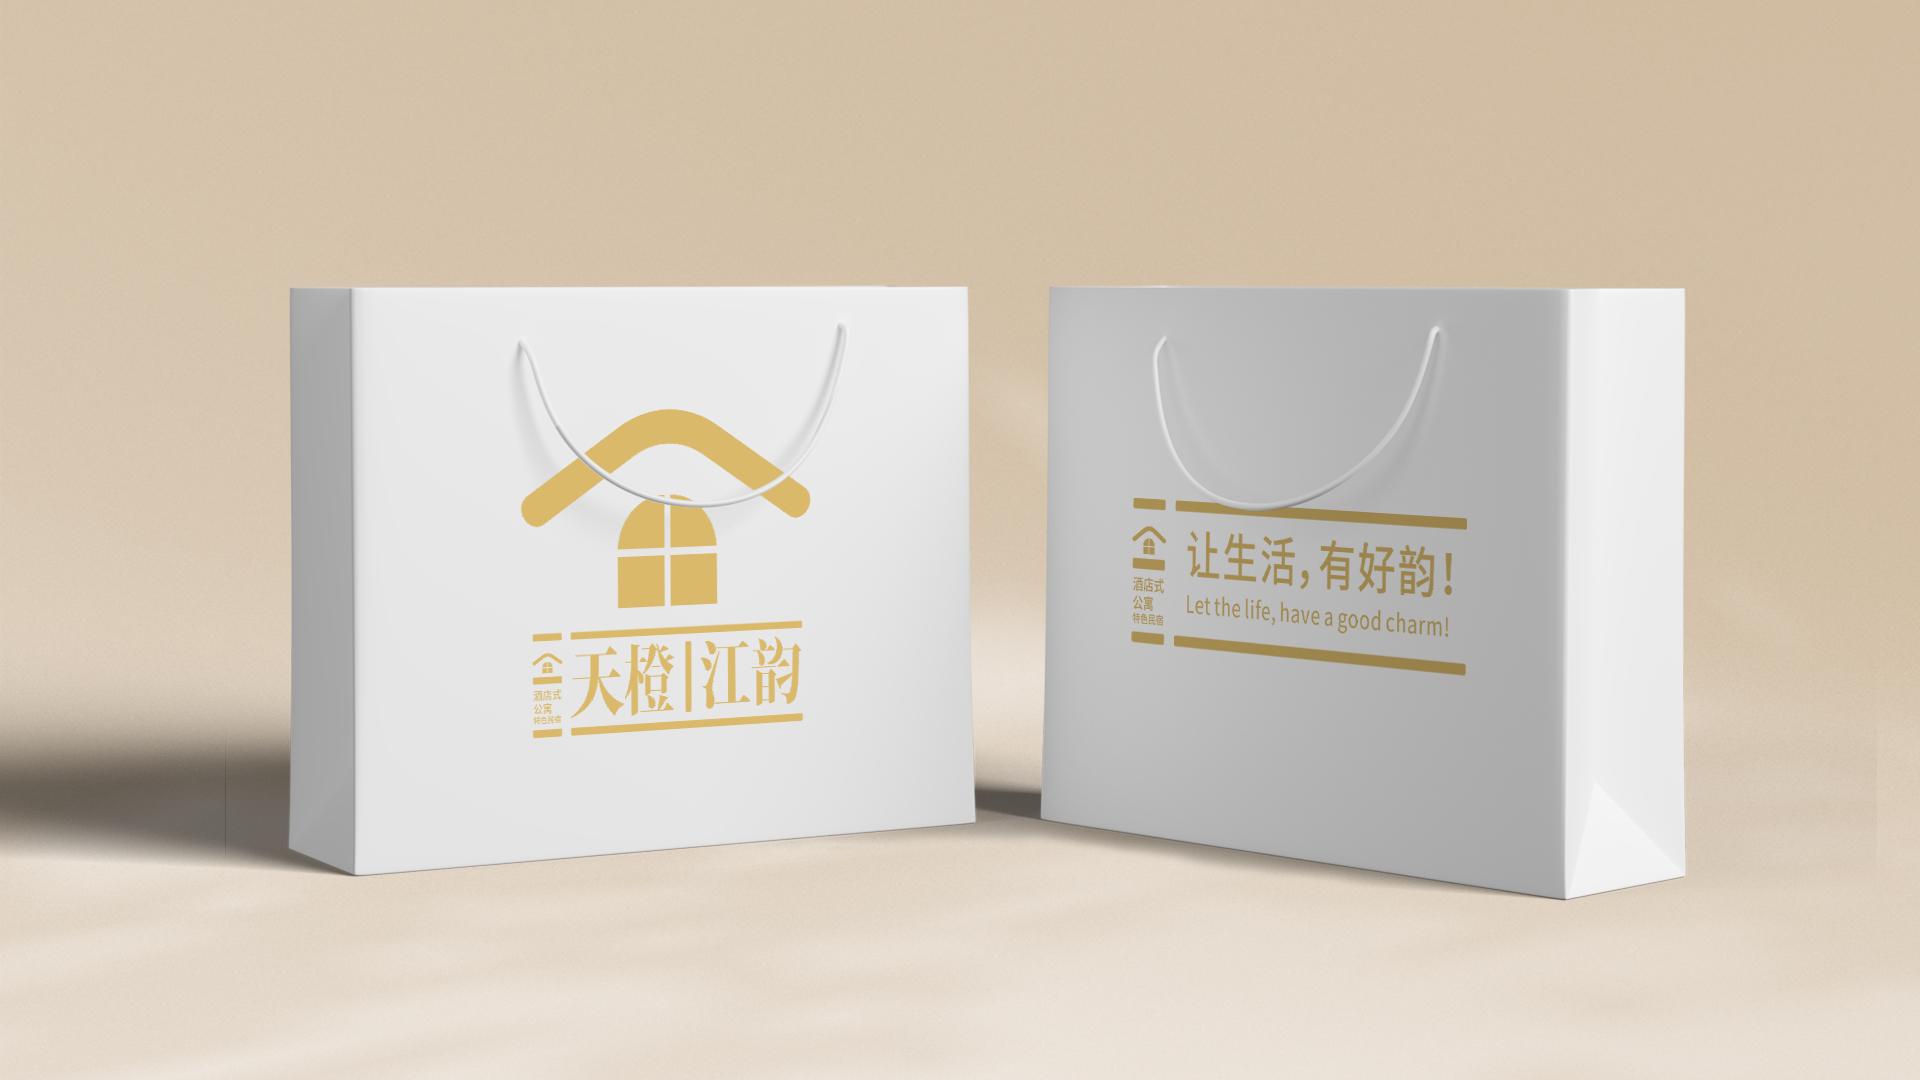 武汉民宿酒店公寓品牌策划设计